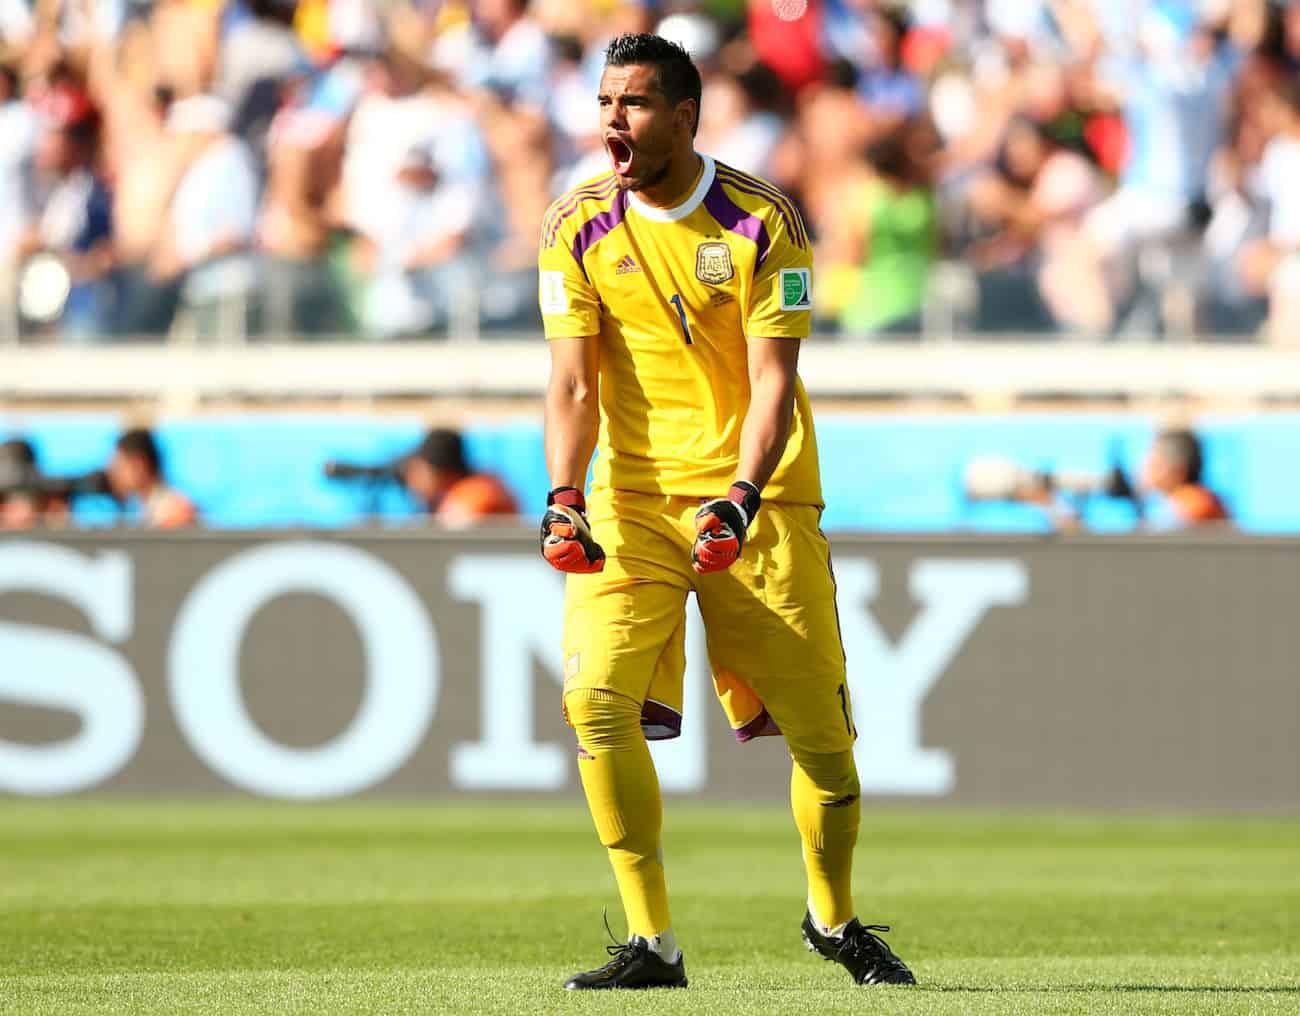 Coupe du monde 2014 l 39 argentine rejoint l 39 allemagne en finale - Equipe argentine coupe du monde 2014 ...